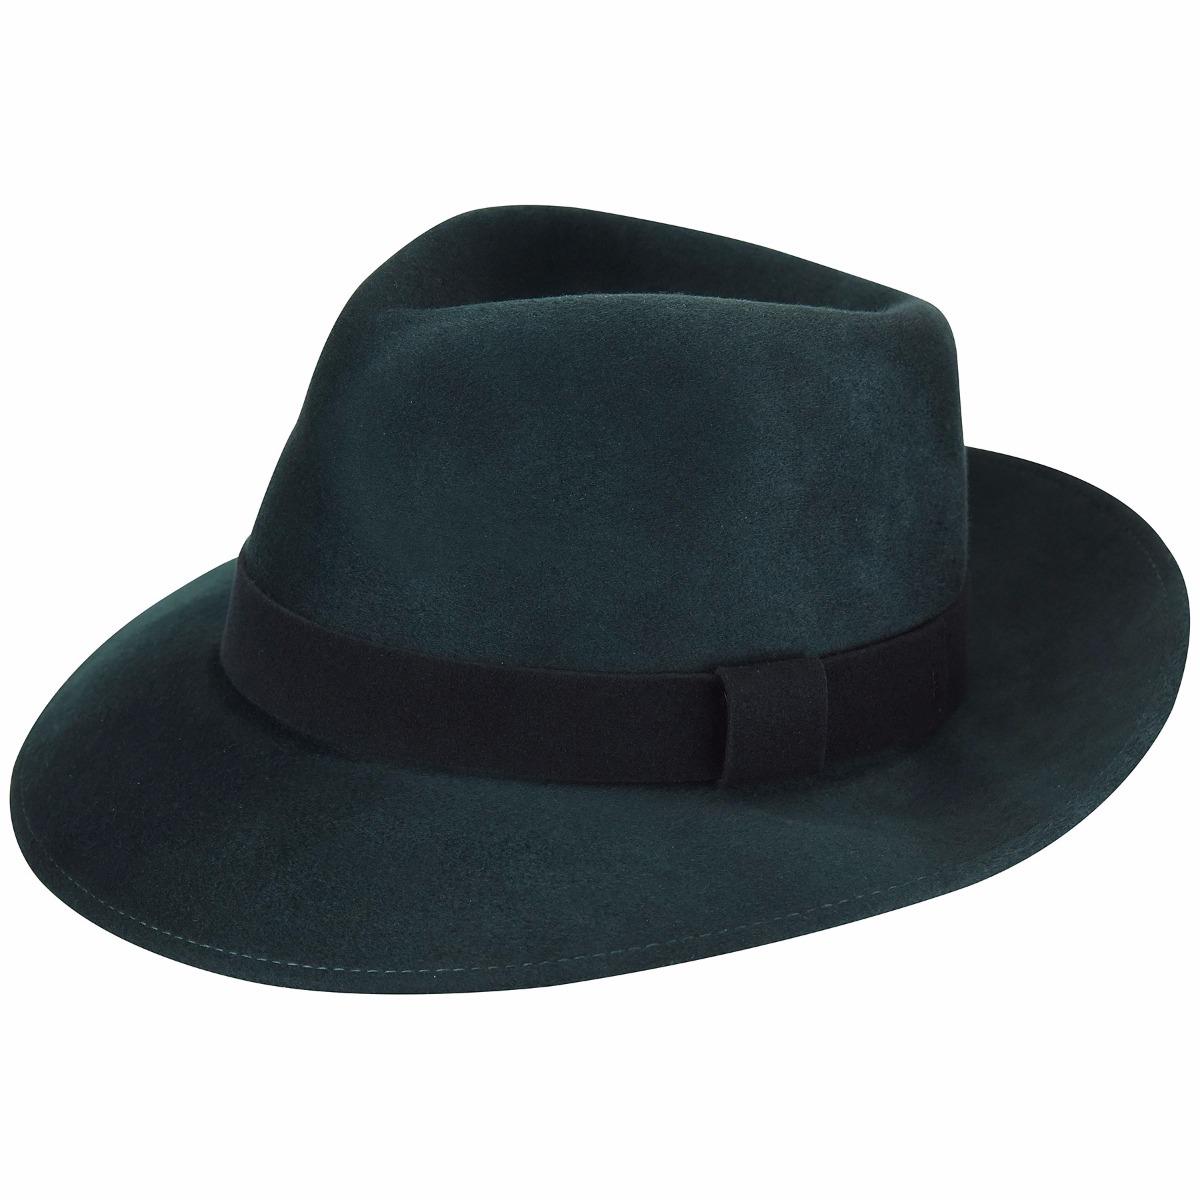 1950s Mens Hats | 50s Vintage Men's Hats Lanth Fedora $135.00 AT vintagedancer.com